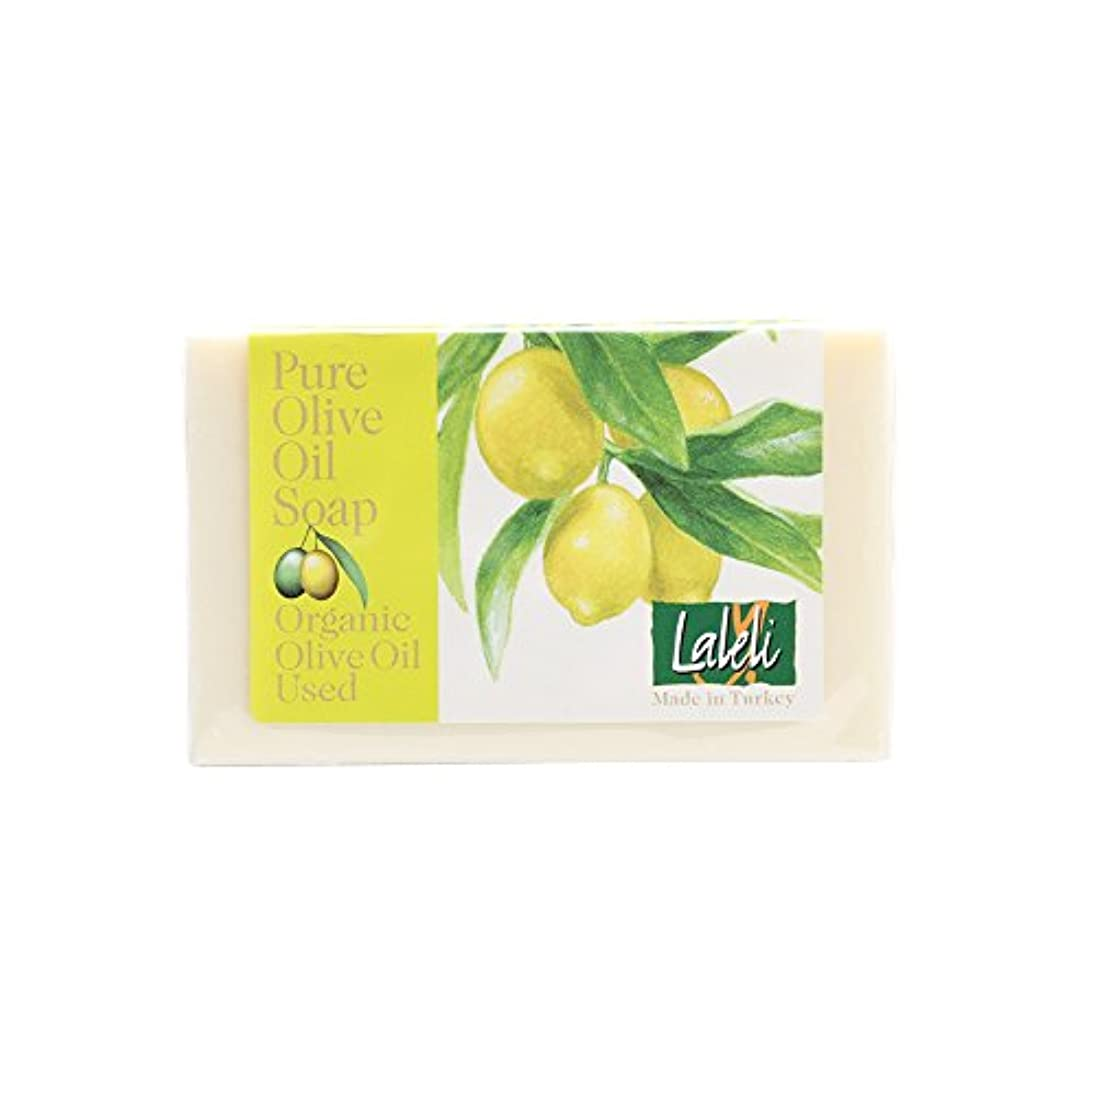 配管発行囚人ラーレリ オーガニックオリーブオイルソープ レモン 120g